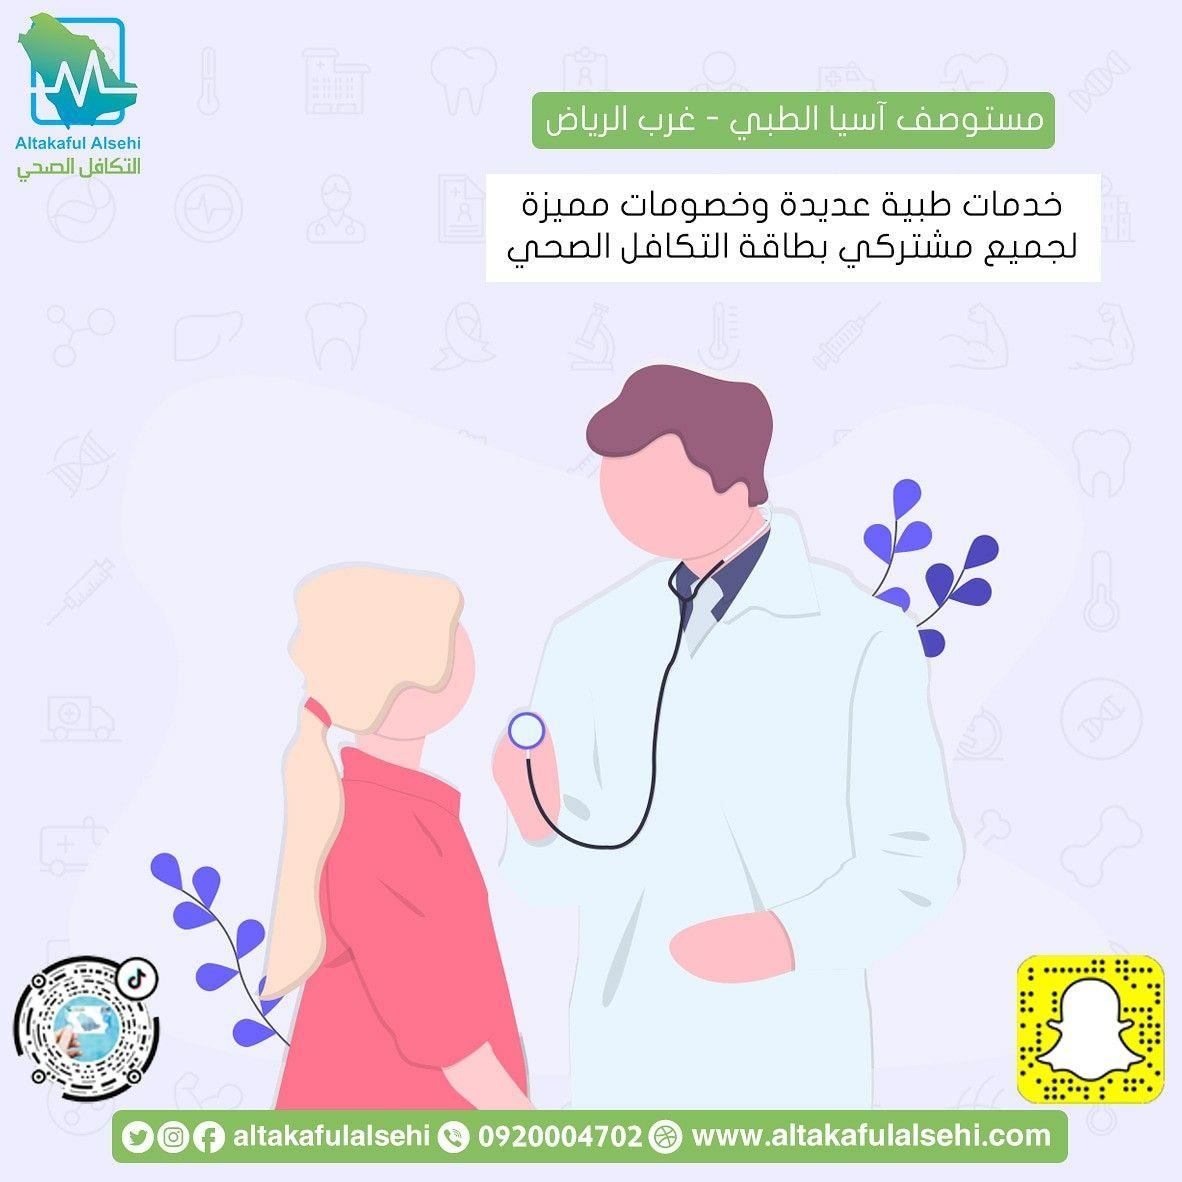 خدماتنا الطبية نقدمها لحاملي بطاقة التكافل الصحي بخصومات مميزة من مستوصف آسيا الطبي في غرب الرياض Https Bit Ly 3haiojo Health Insurance Memes Ecard Meme